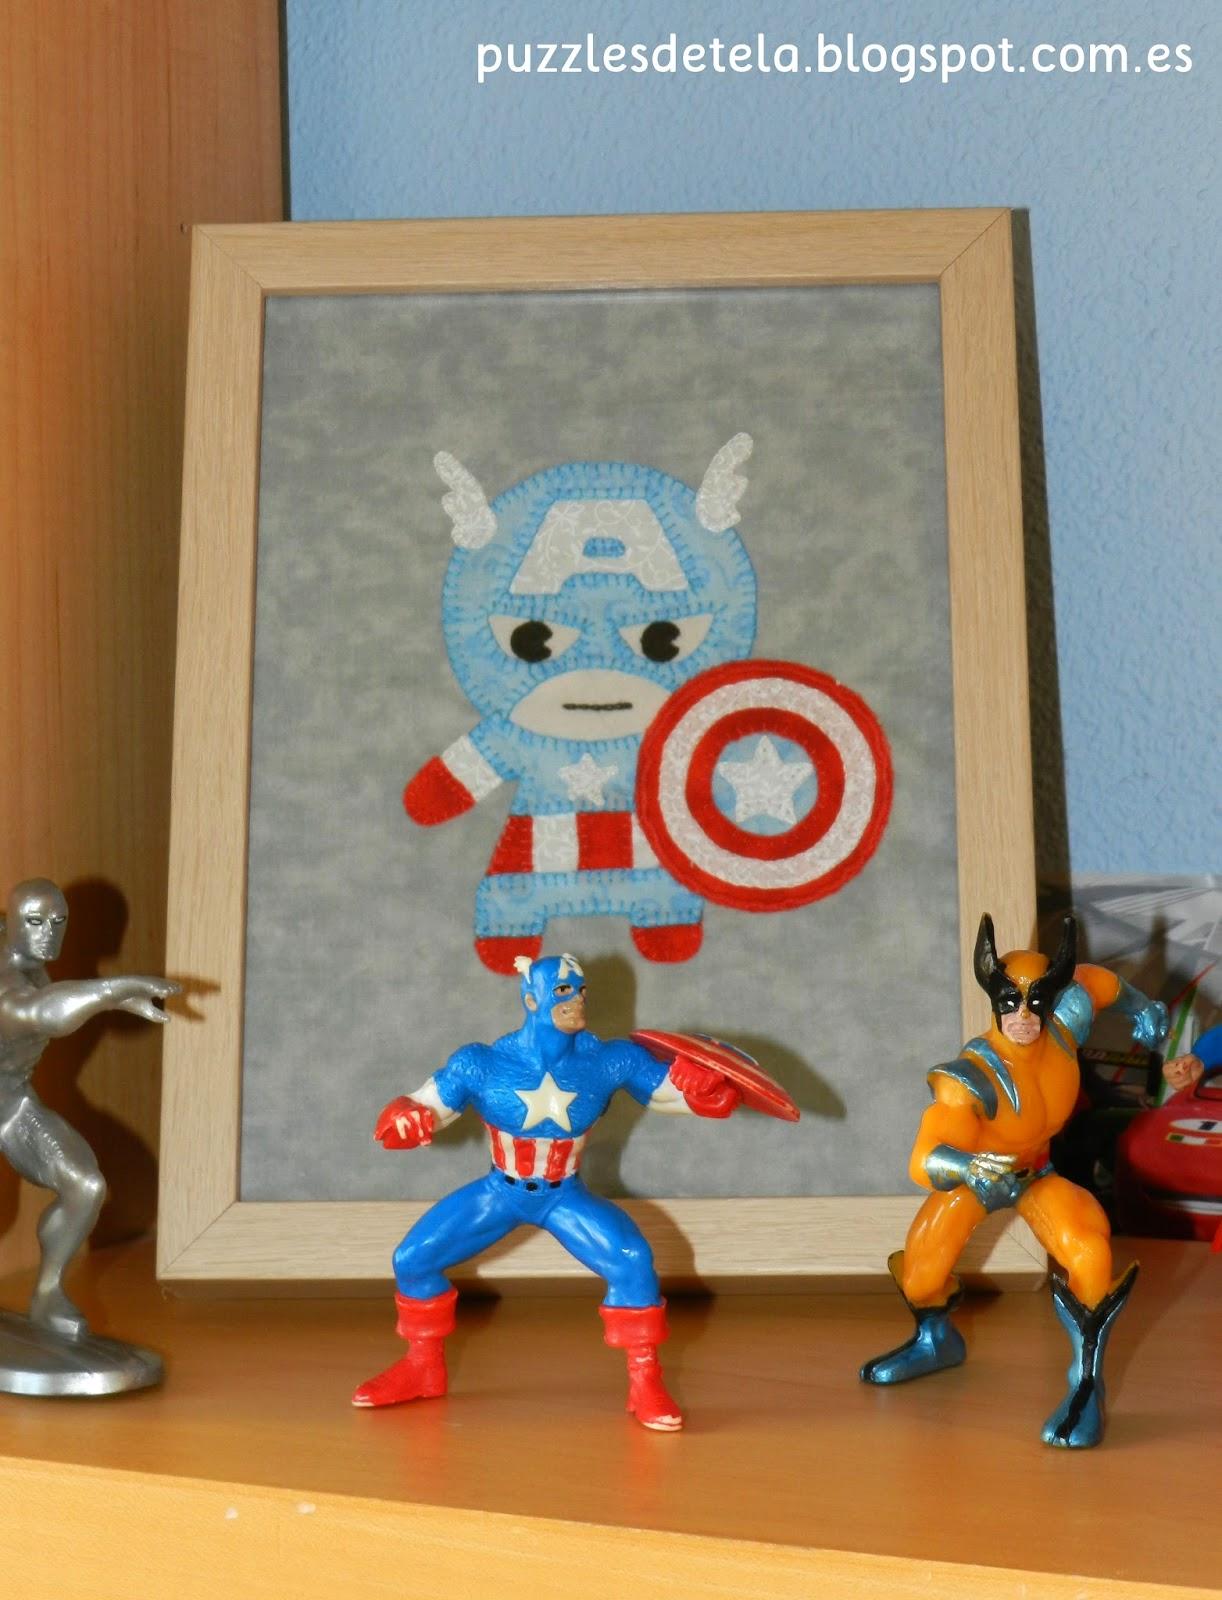 Puzzles de tela, Capitán América, Capitán América patchwork, decoración habitación infantil, cuadros de patchwork, superhéroes